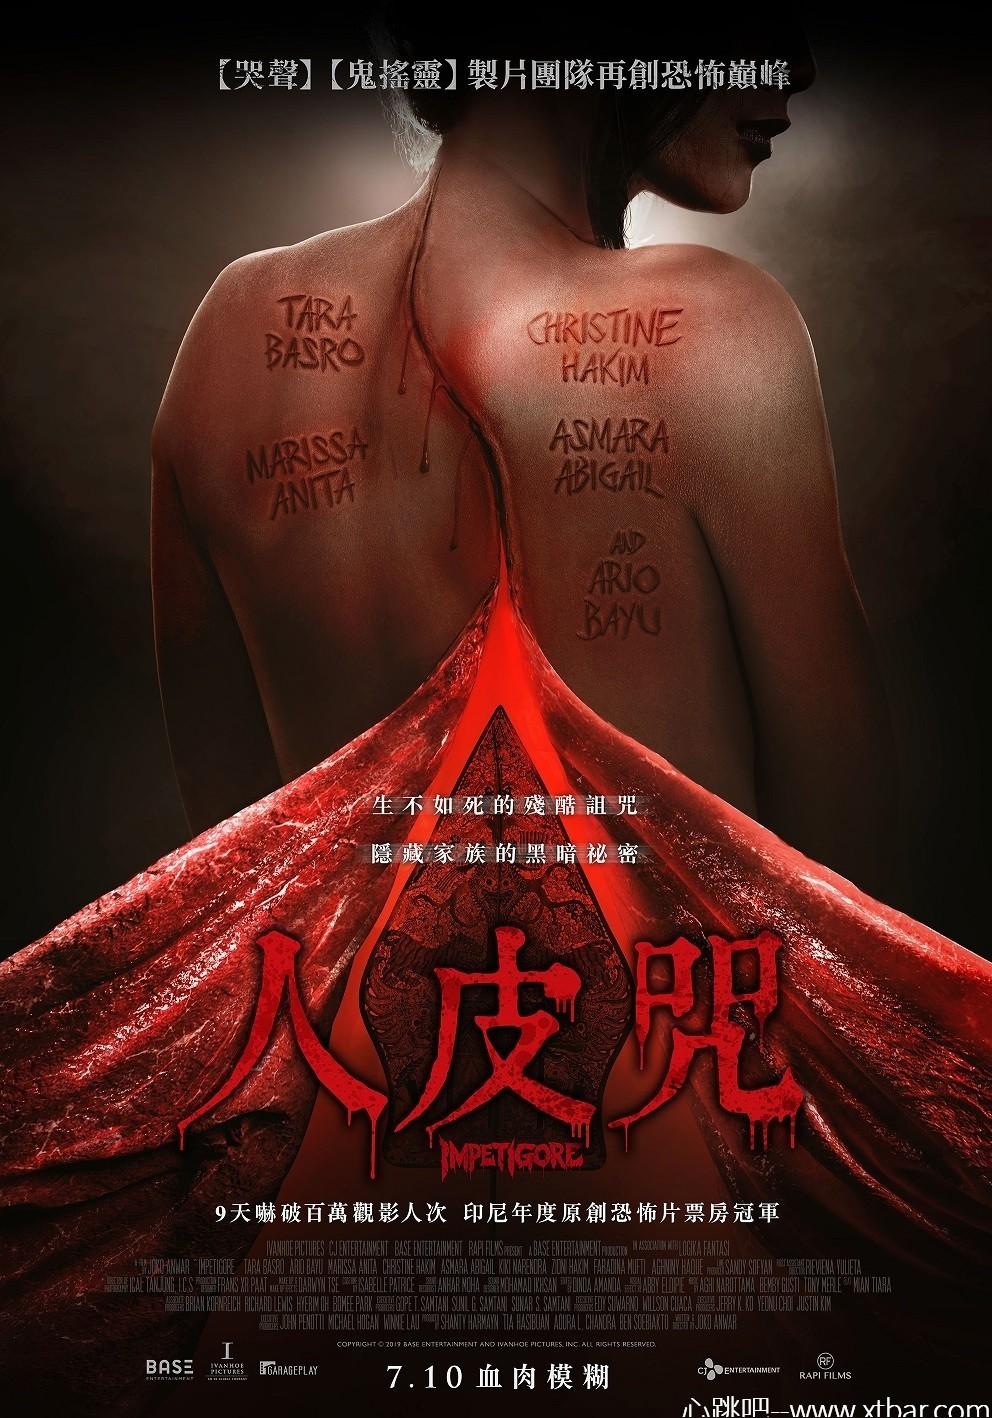 【亚洲恐怖片】印尼-《地狱女子》-2019-高清在线观看-资源下载